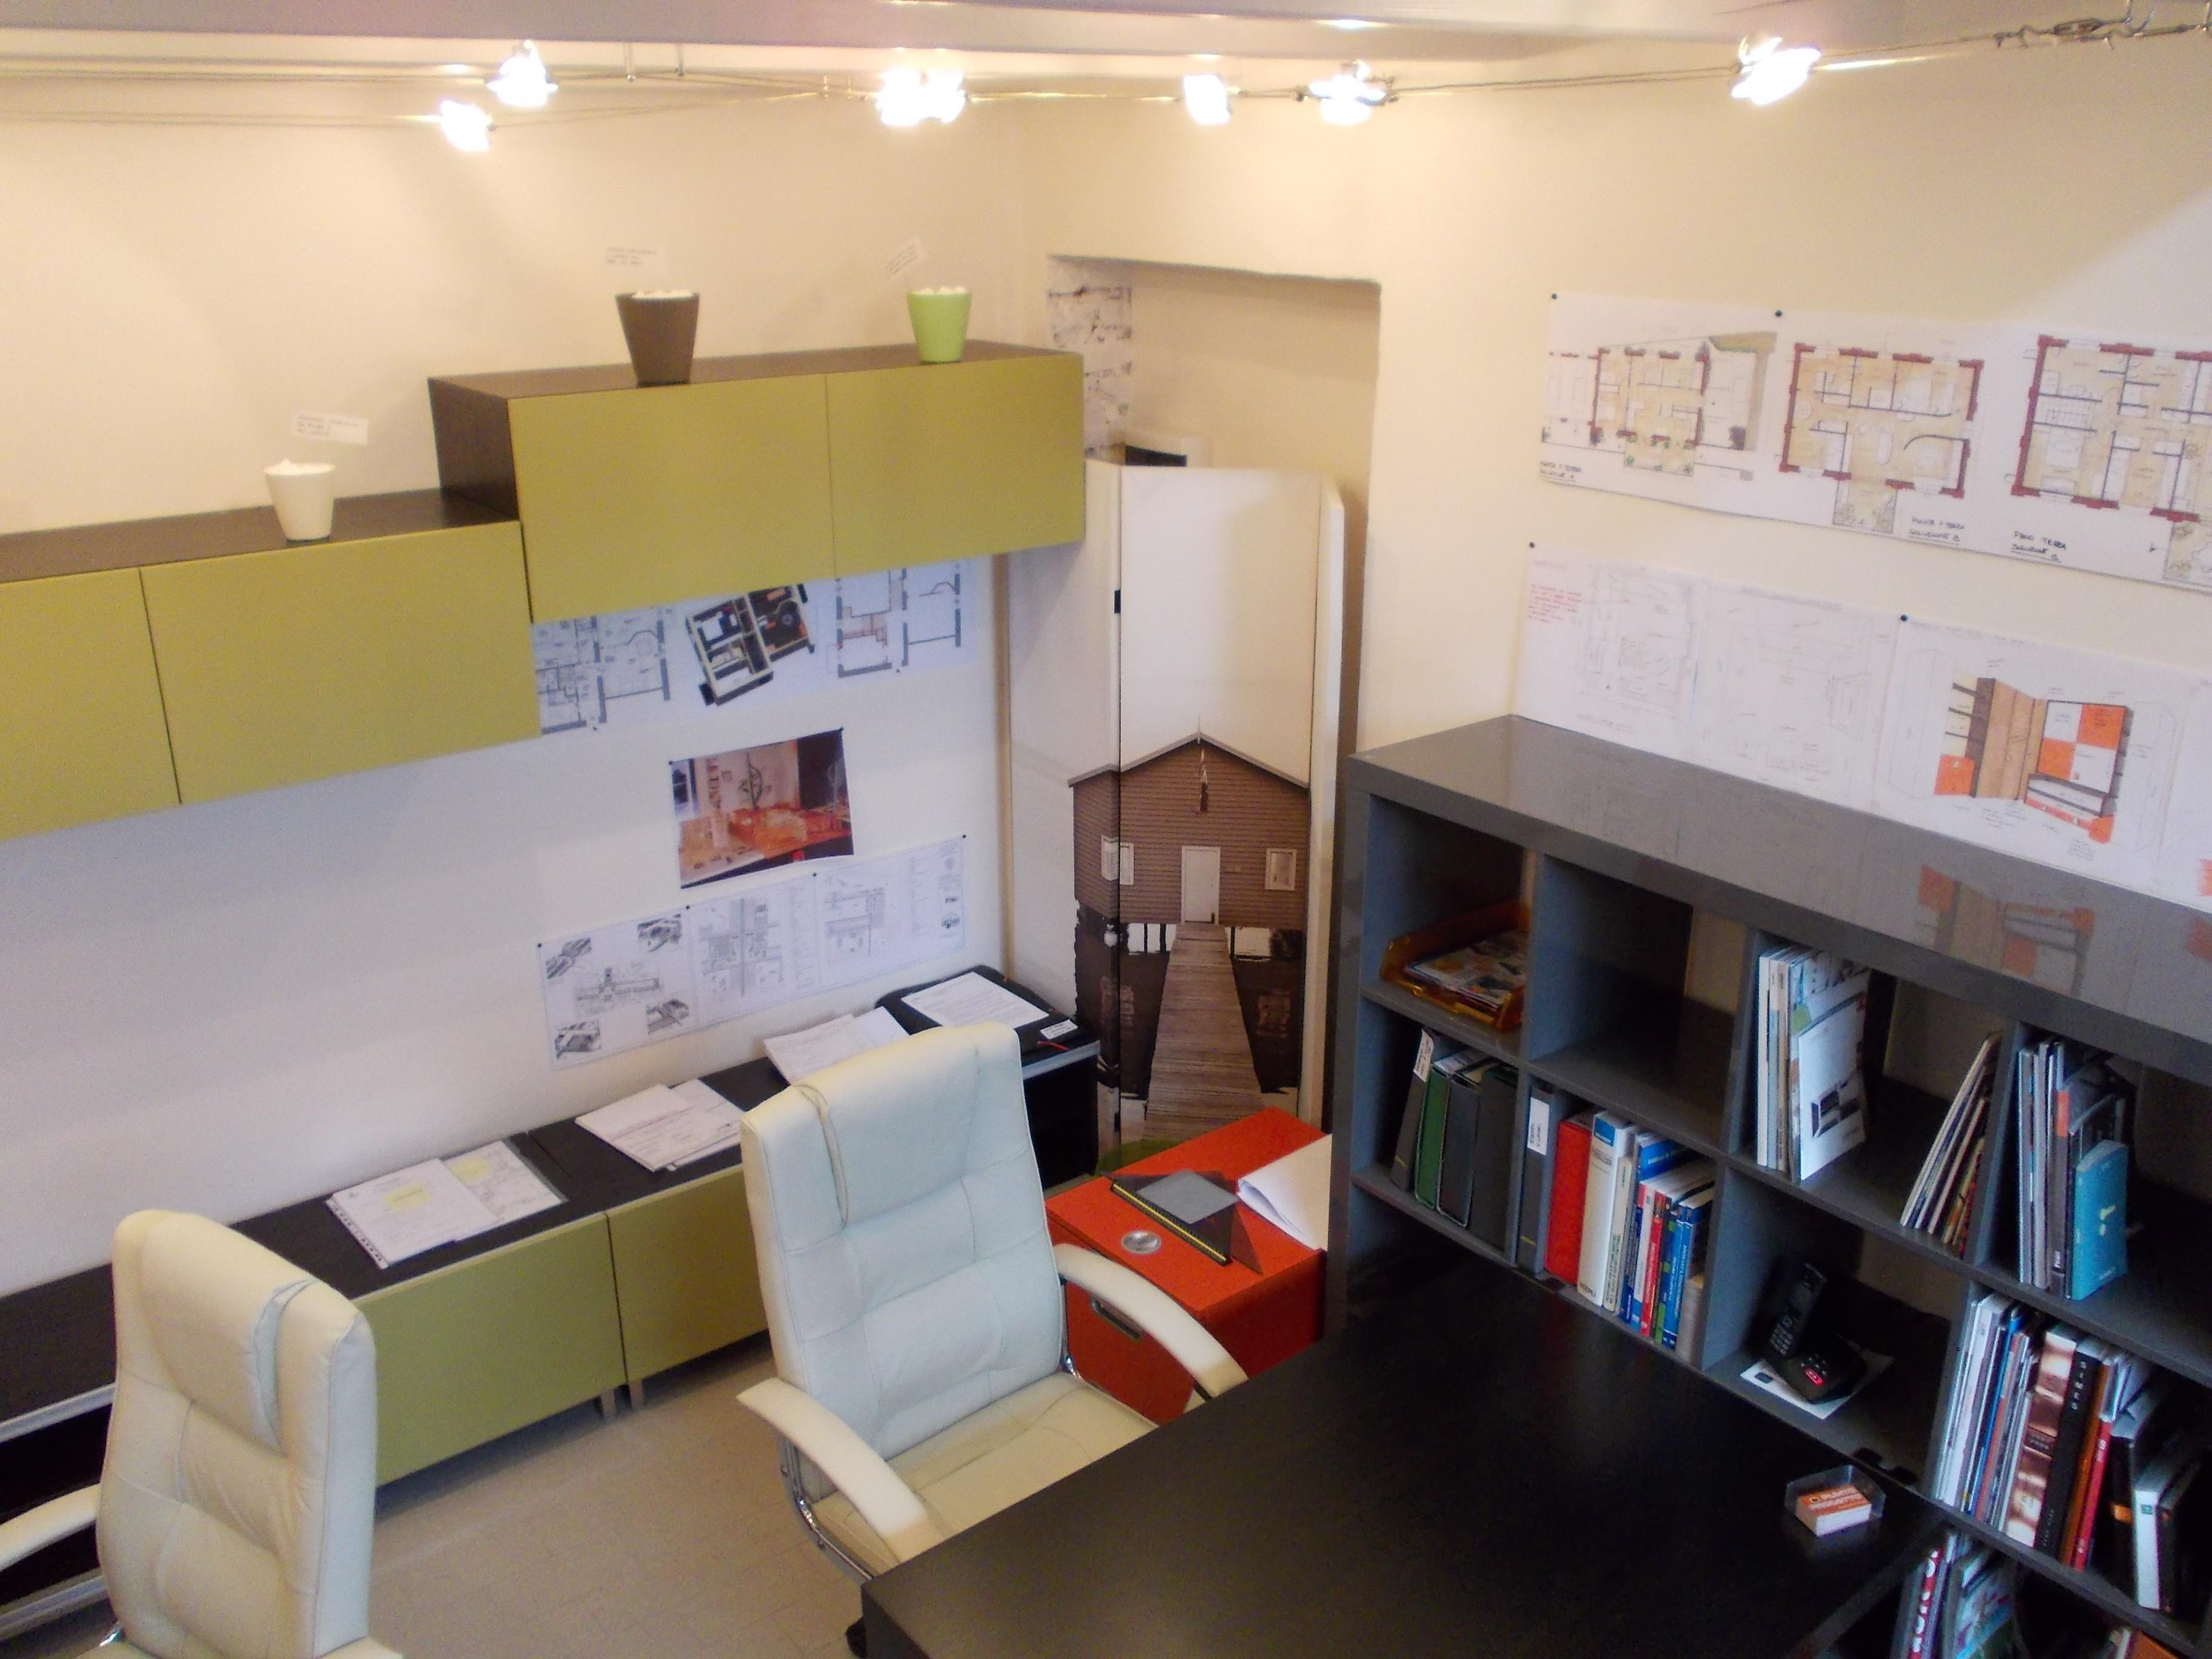 Architettura d interni e arredamento architetto irene for Arredamento architettura interni